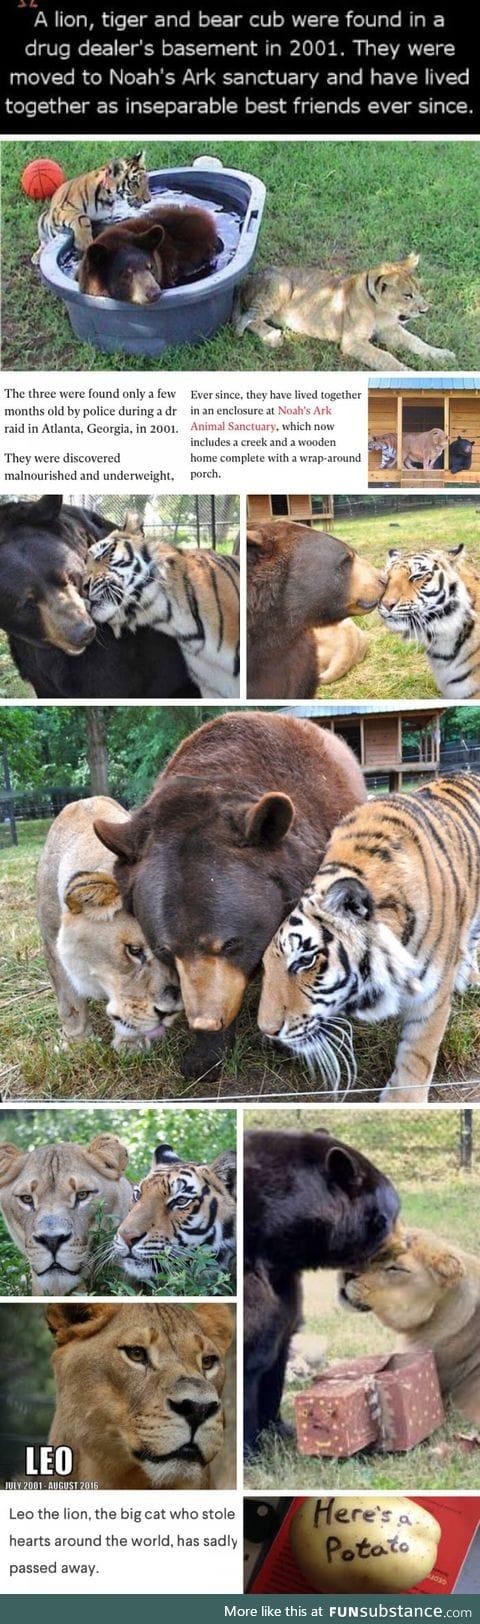 Leo, Baloo and Shere Khan